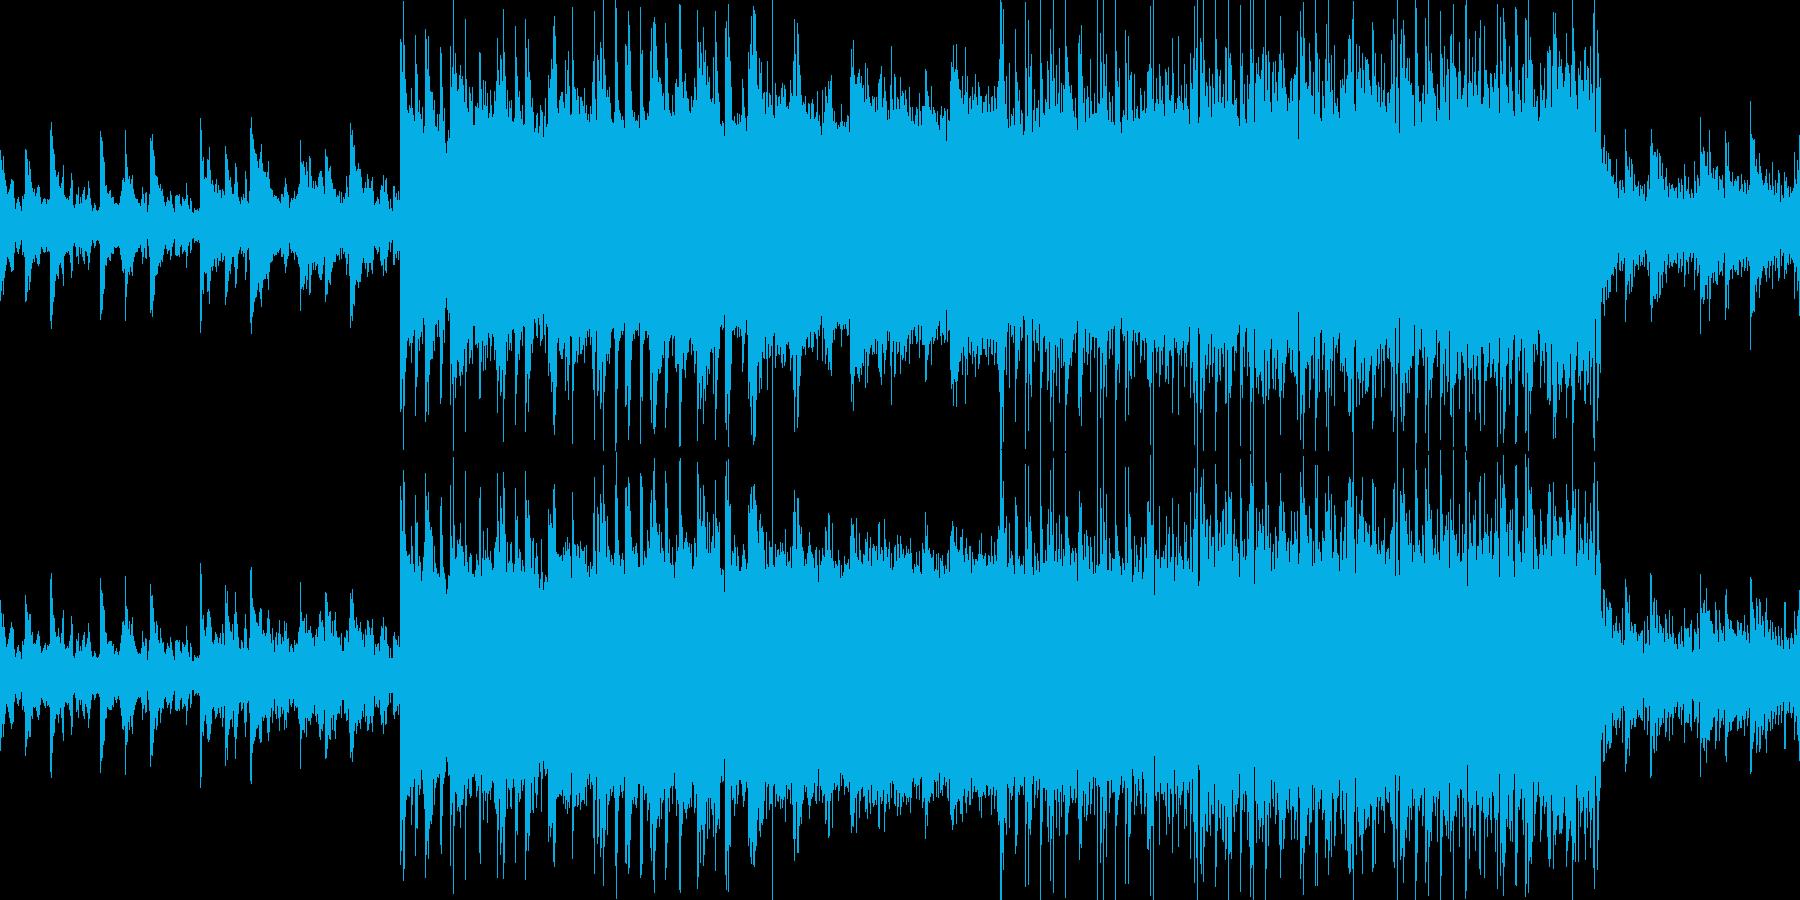 穏やかなエレクトロニカとブレイクビーツの再生済みの波形